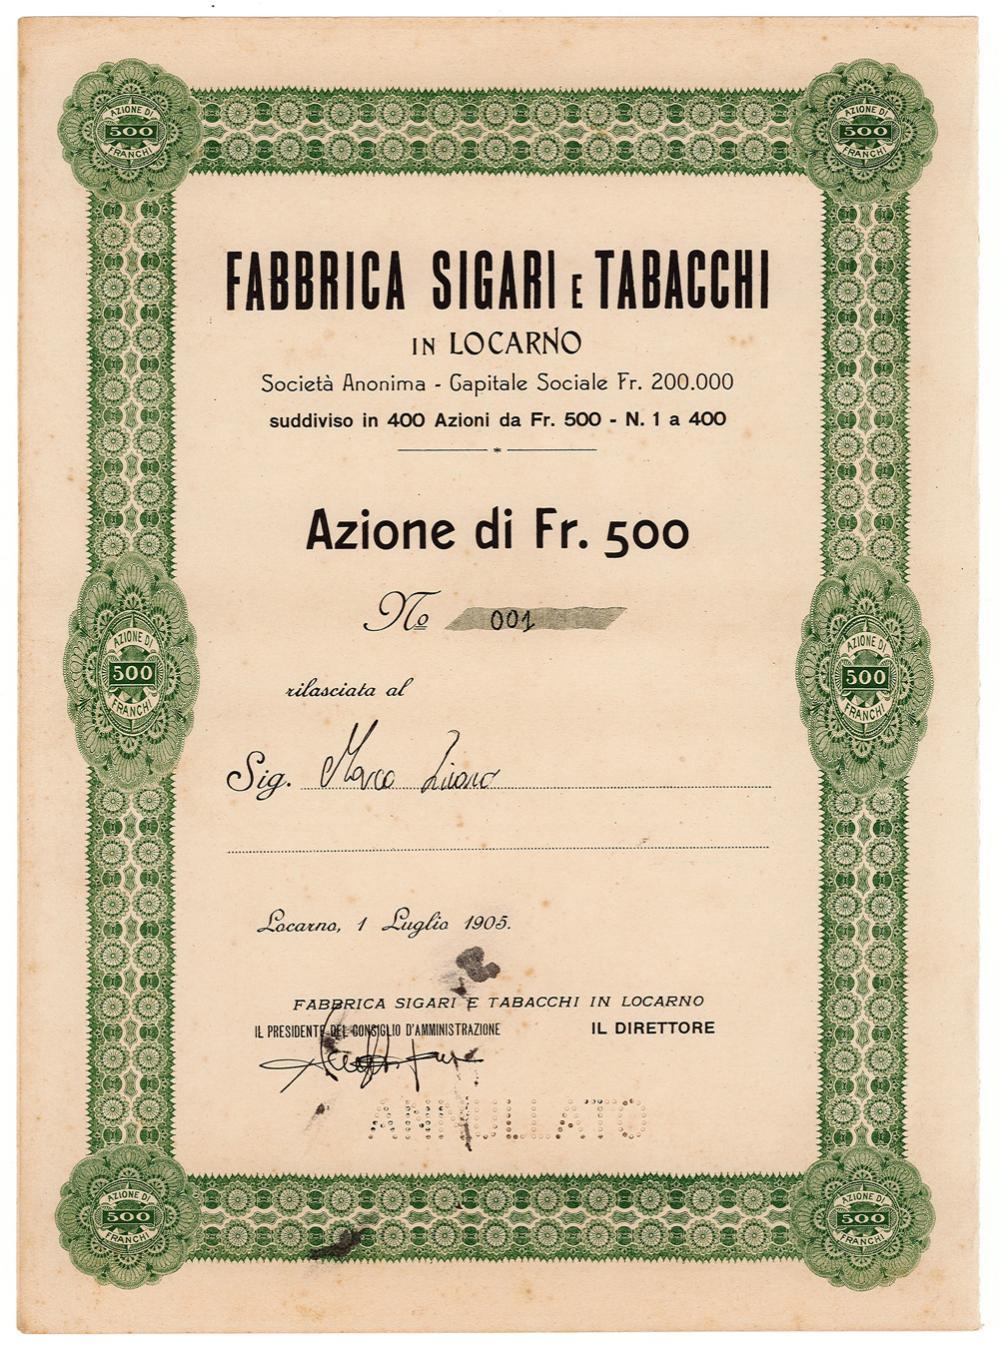 Fabbrica Sigari e Tabacchi in Locarno